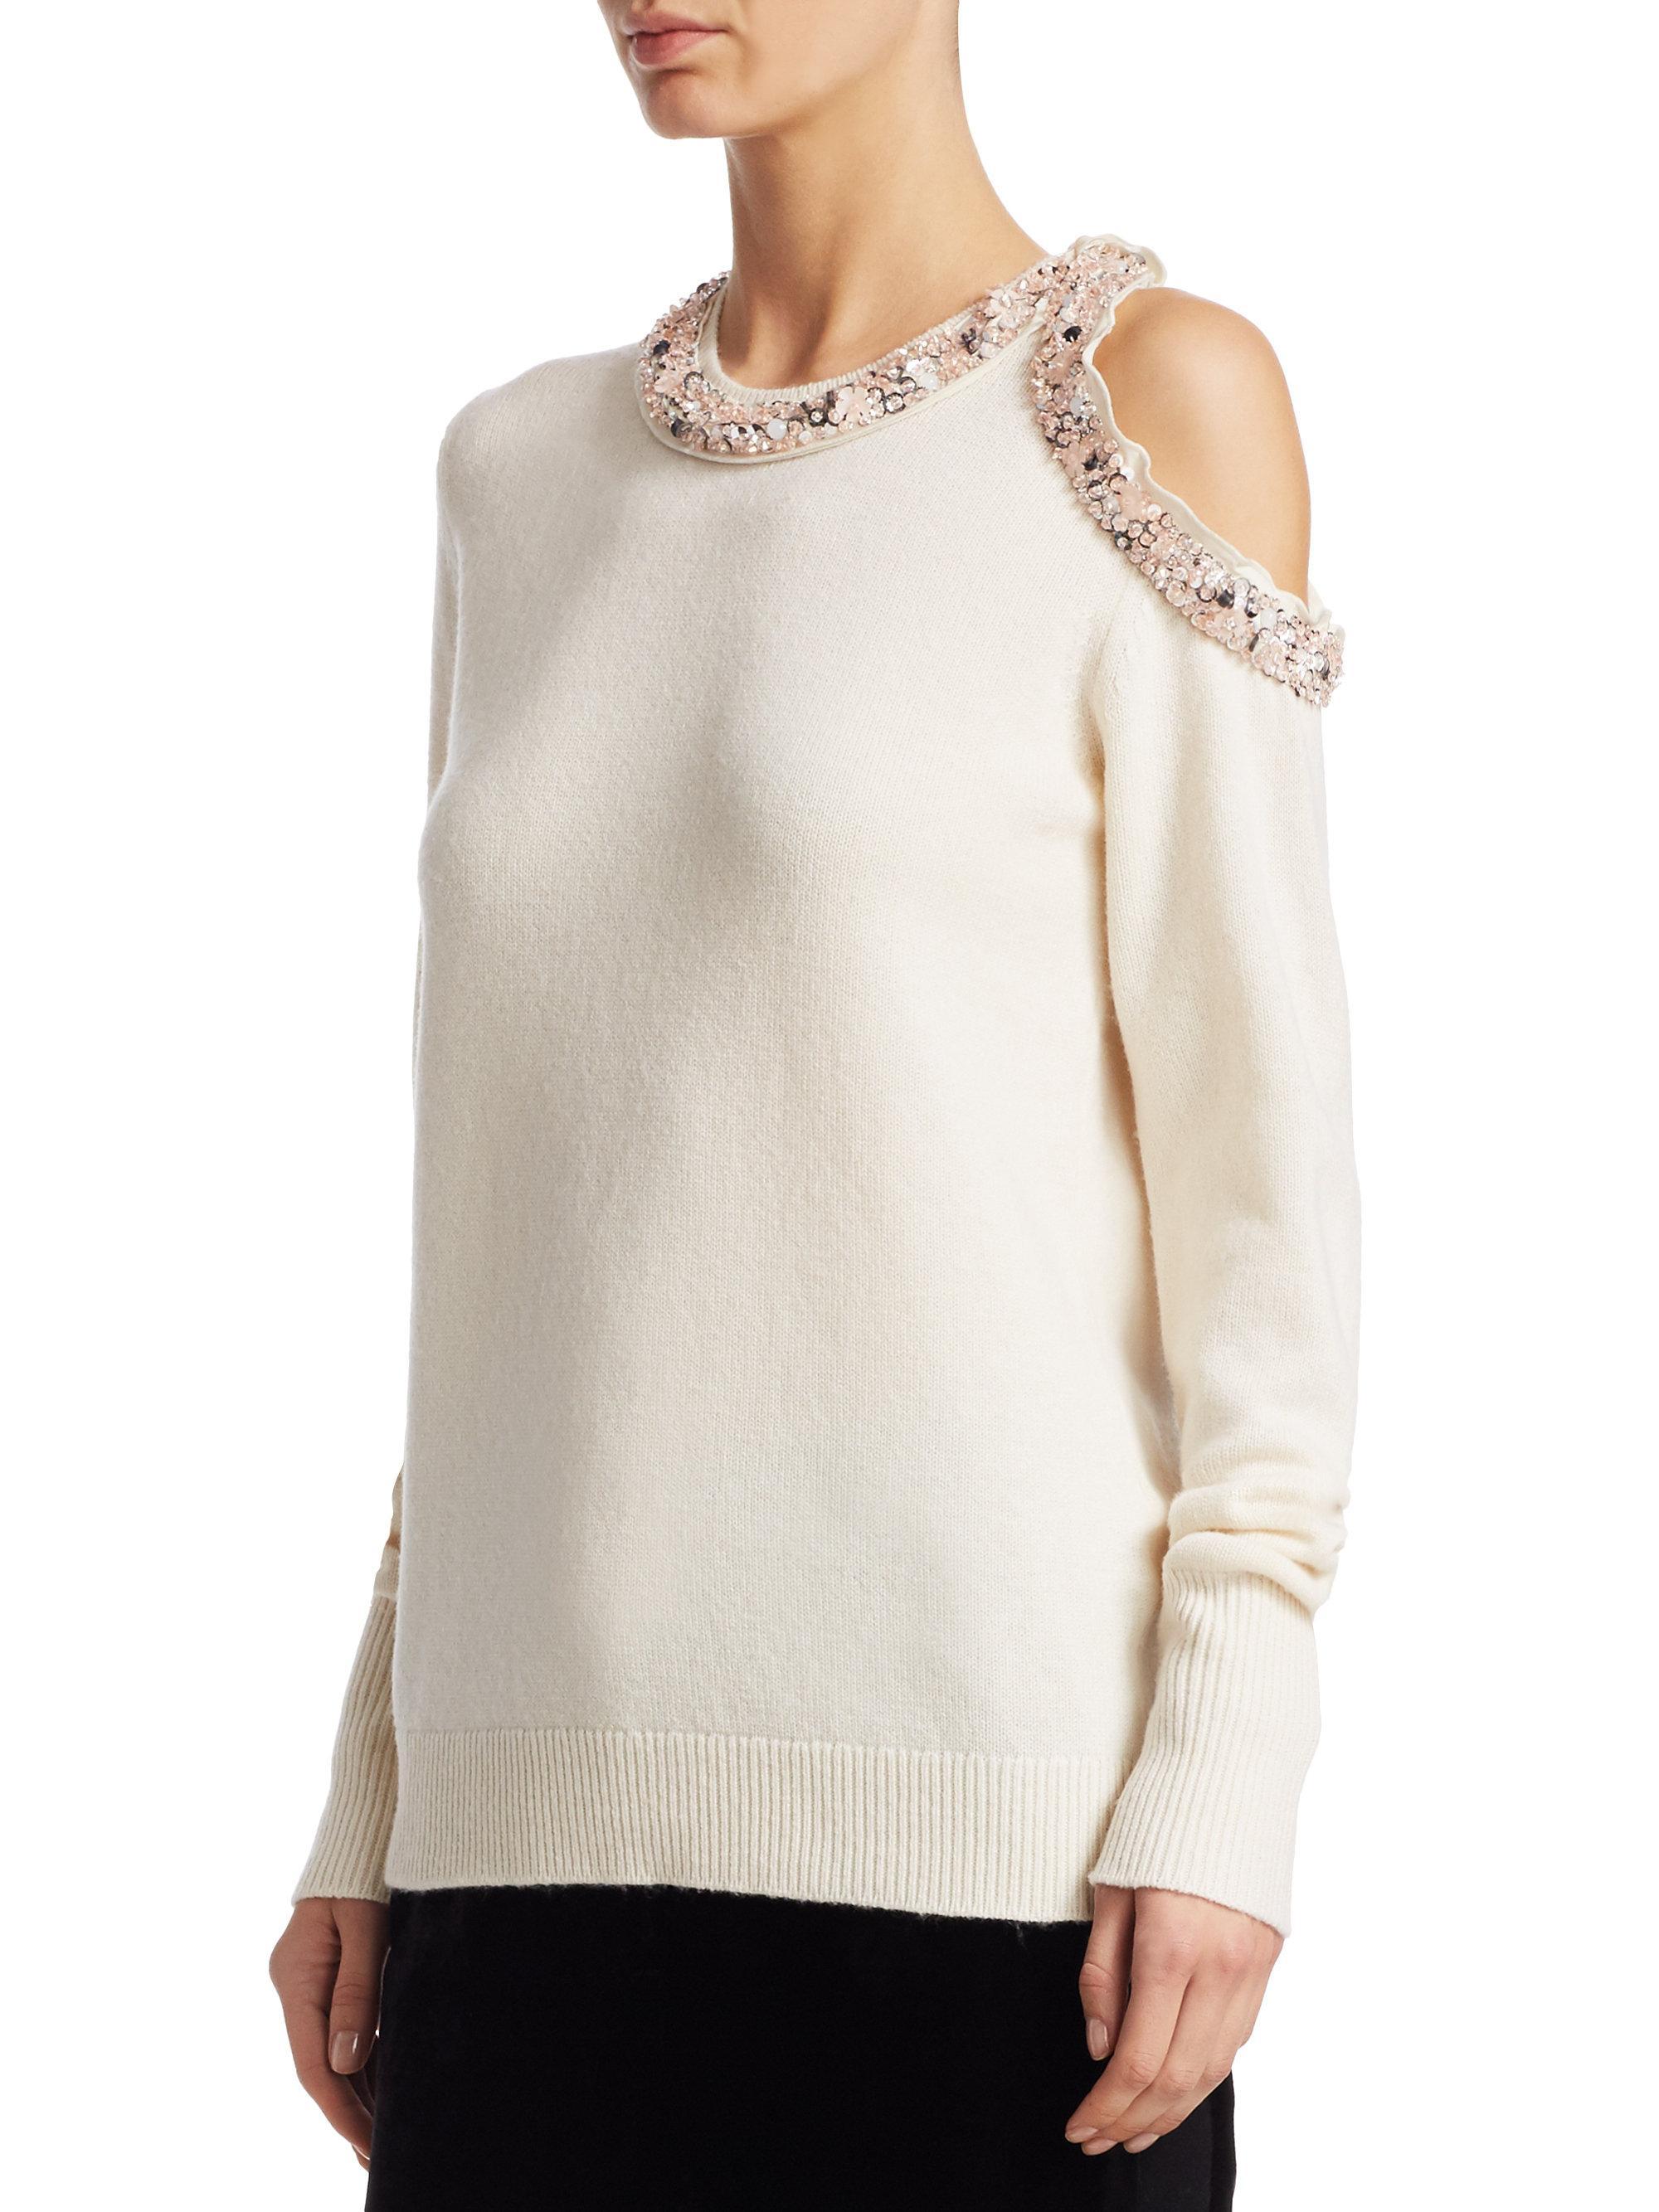 4b5118d48074c Lyst - 3.1 Phillip Lim Cold Shoulder Embellished Pullover in White